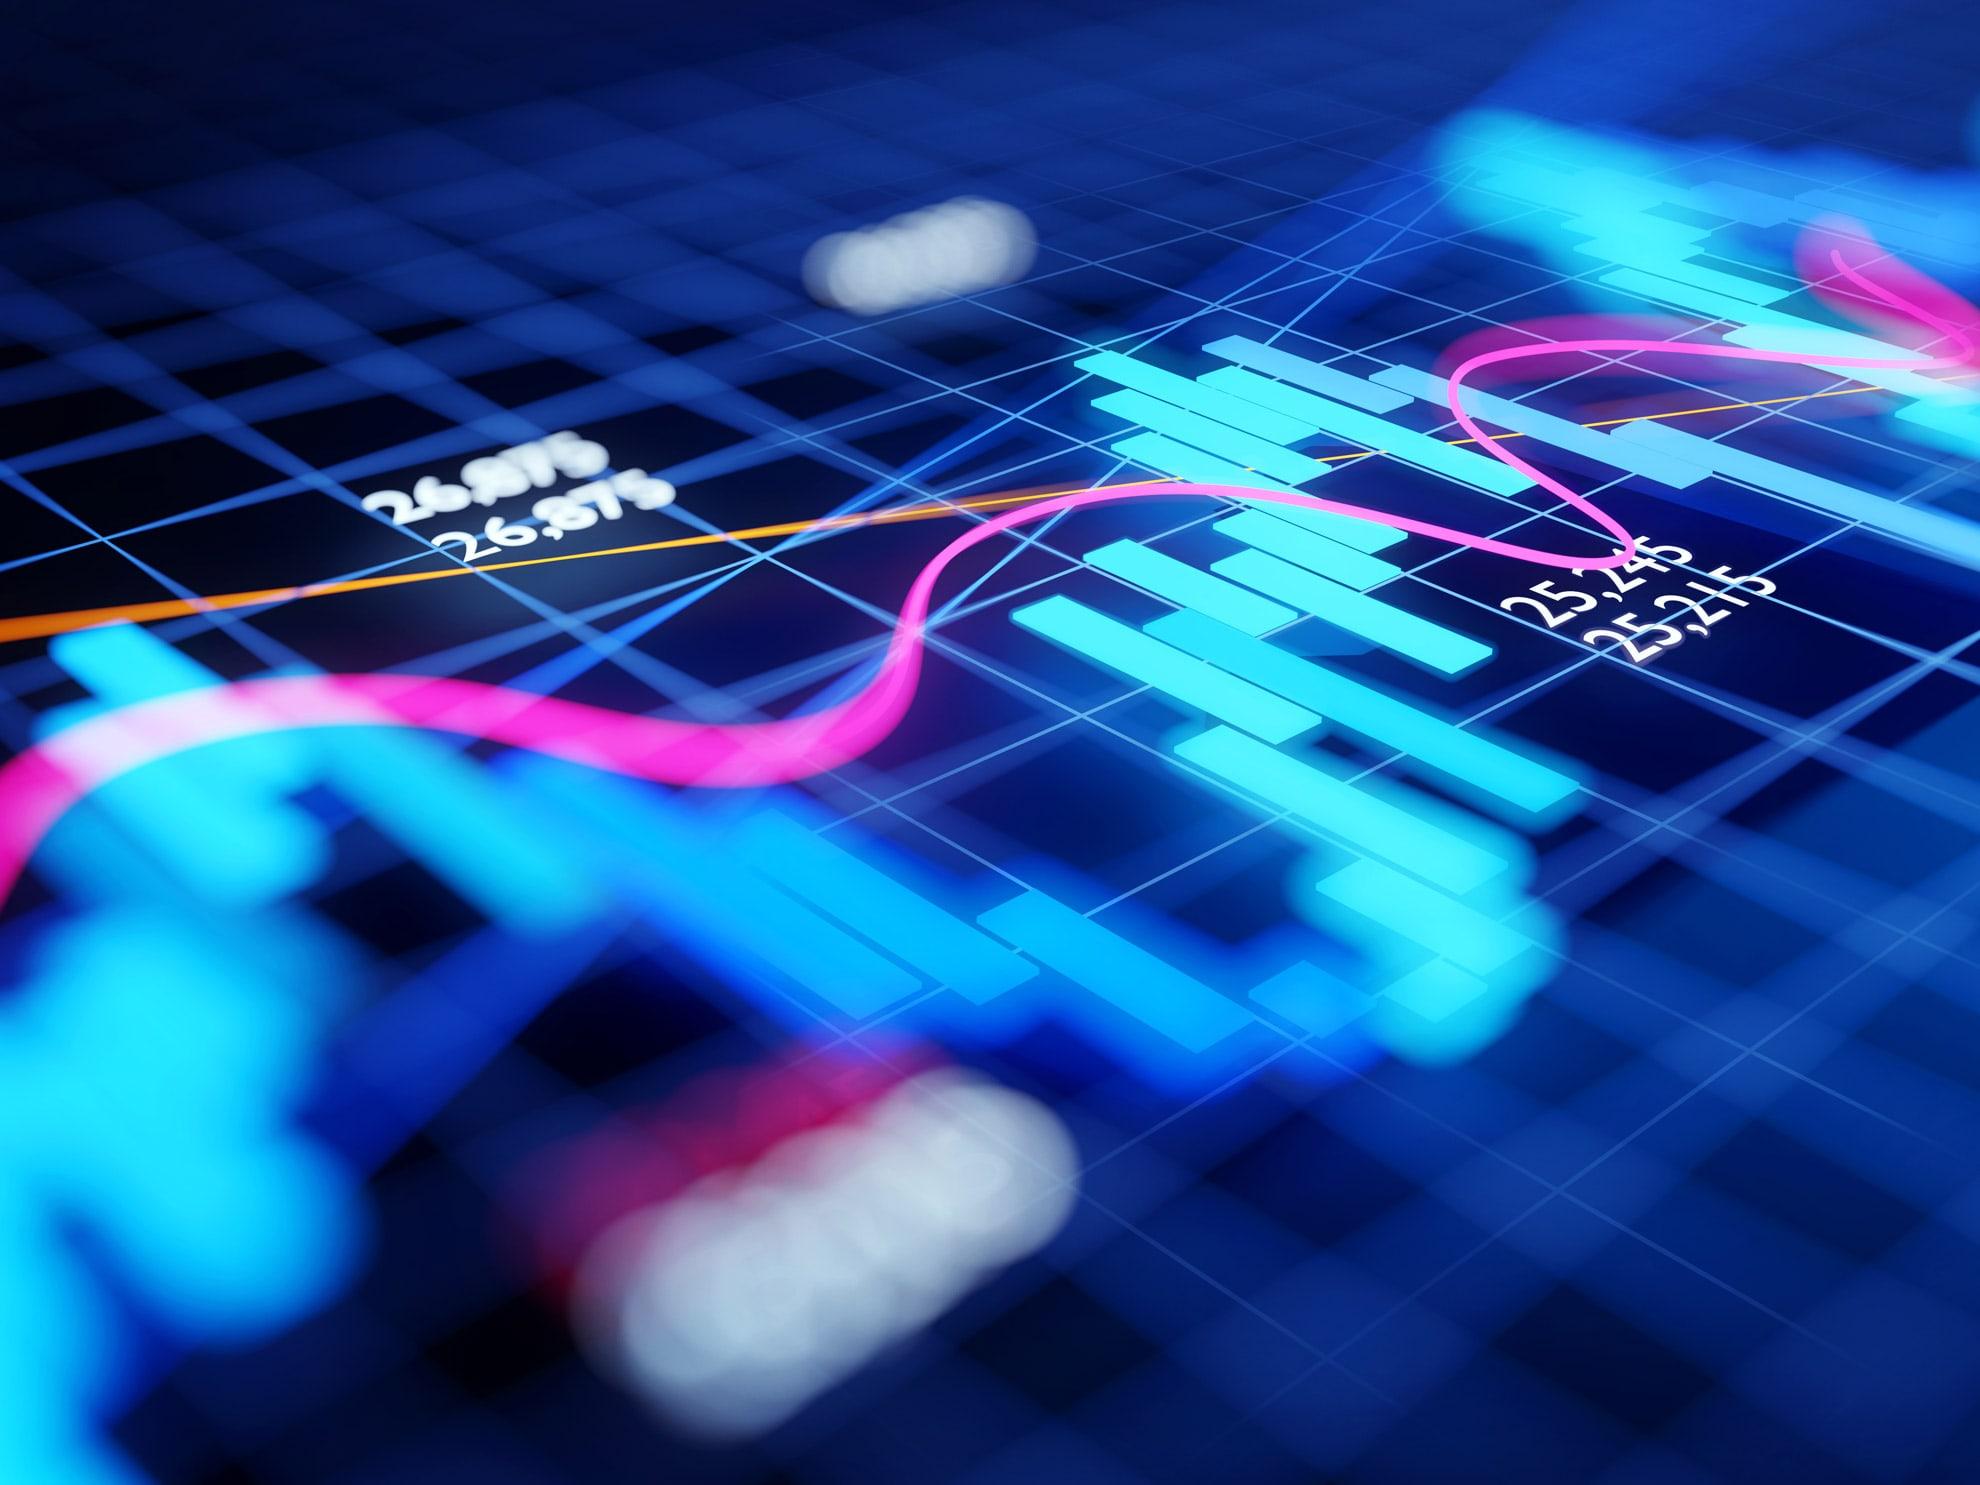 digital-cfo-gestione-crisi-aziendale